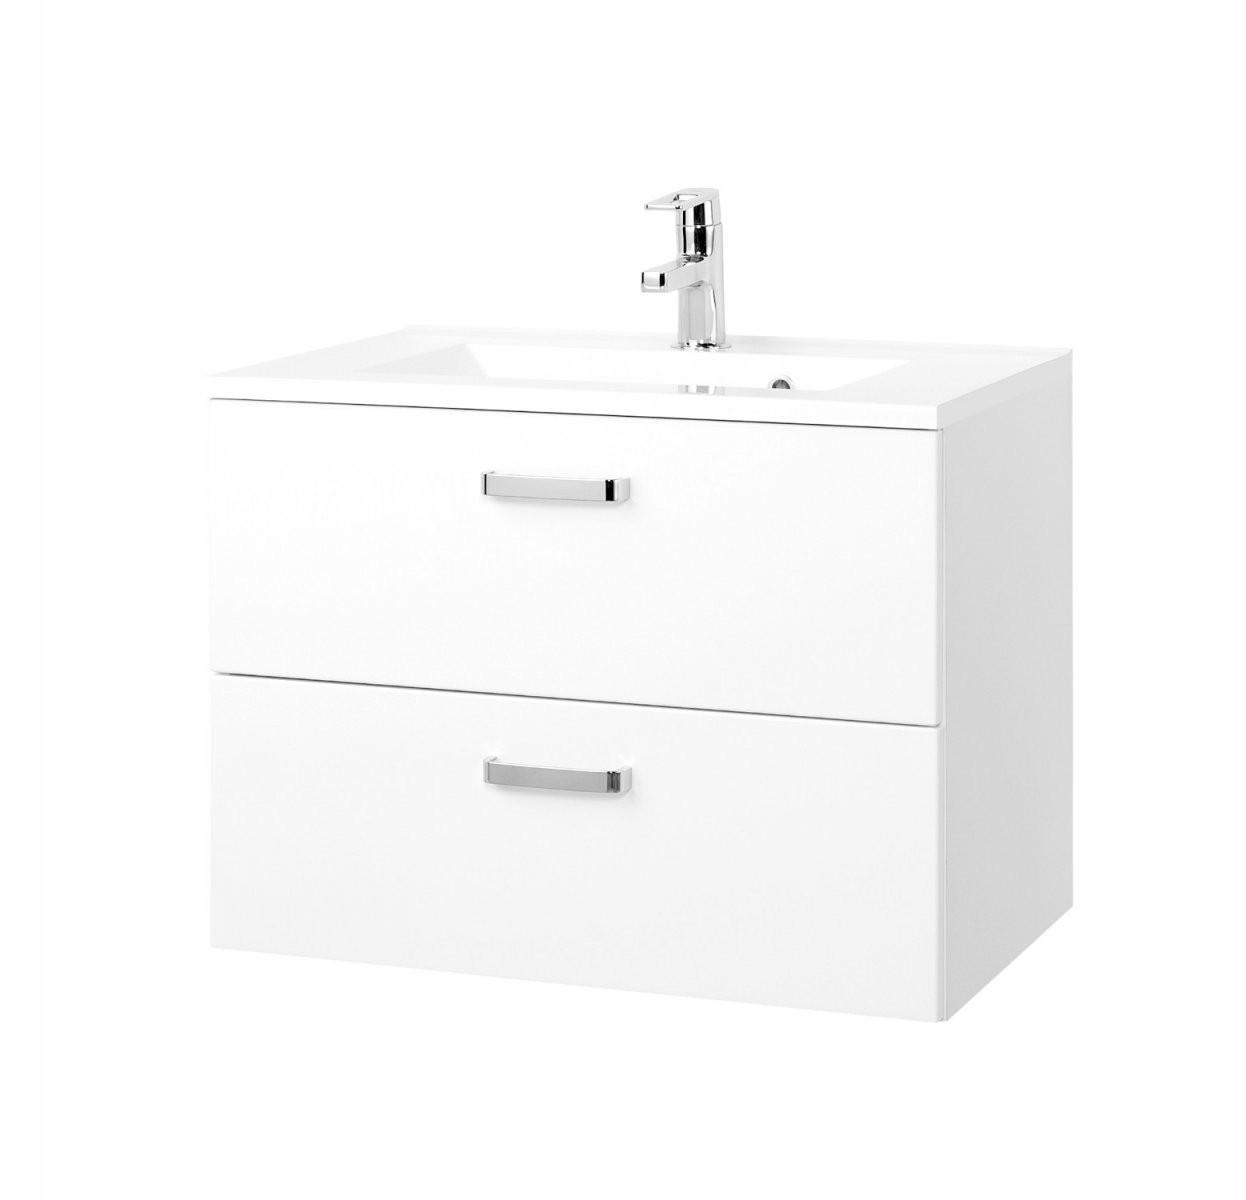 Waschbecken Mit Unterschrank Auszüge Waschtischunterschrank 70 Cm von Waschtisch Mit Unterschrank 70 Cm Breit Photo